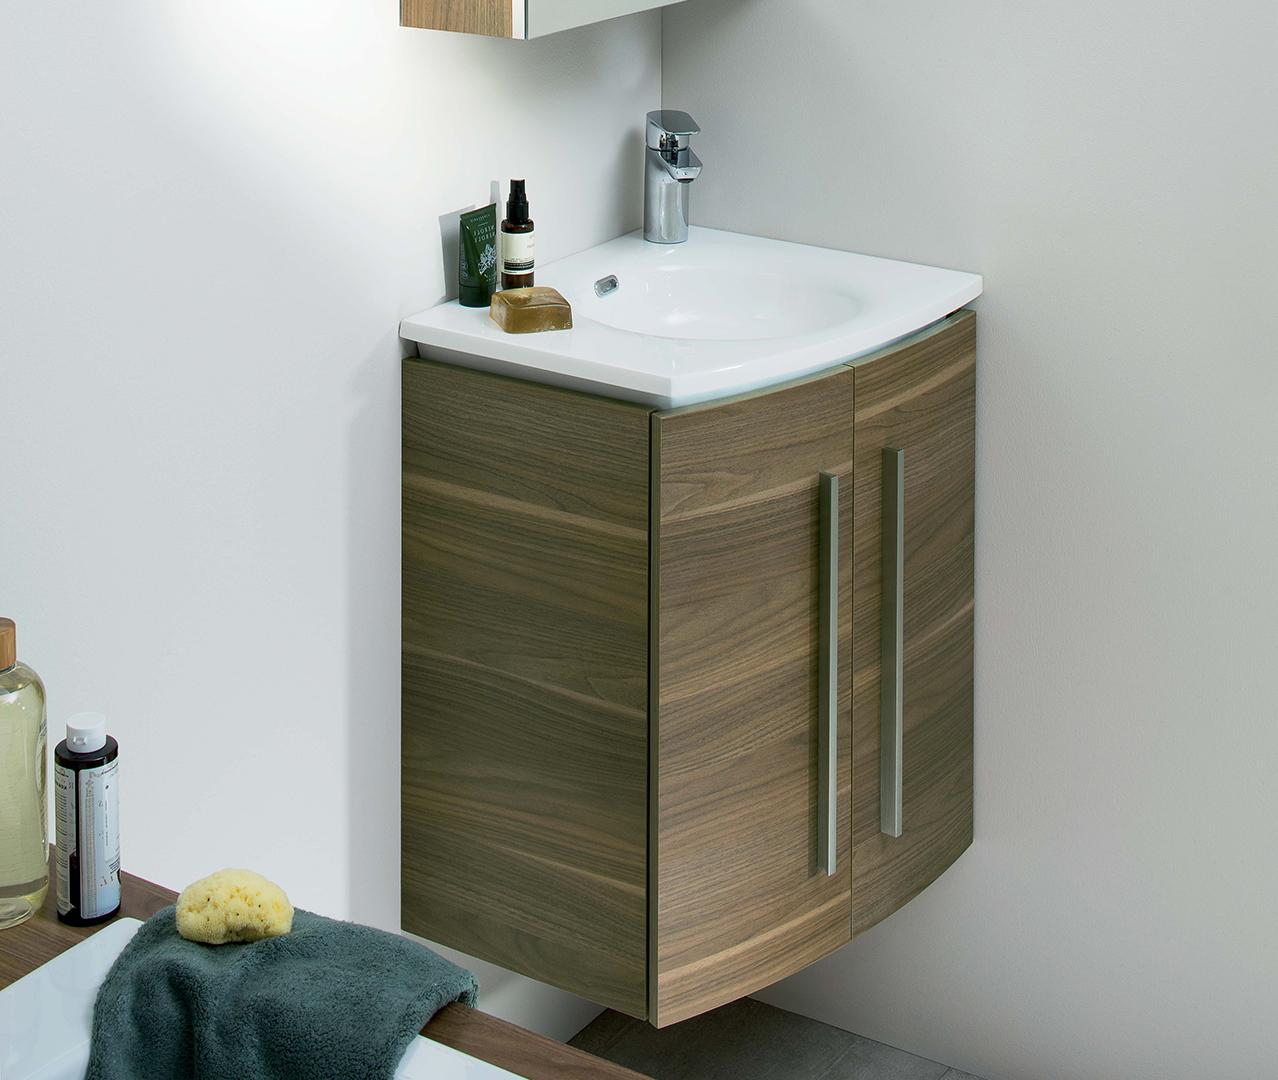 une salle de bain design et fonctionnelle